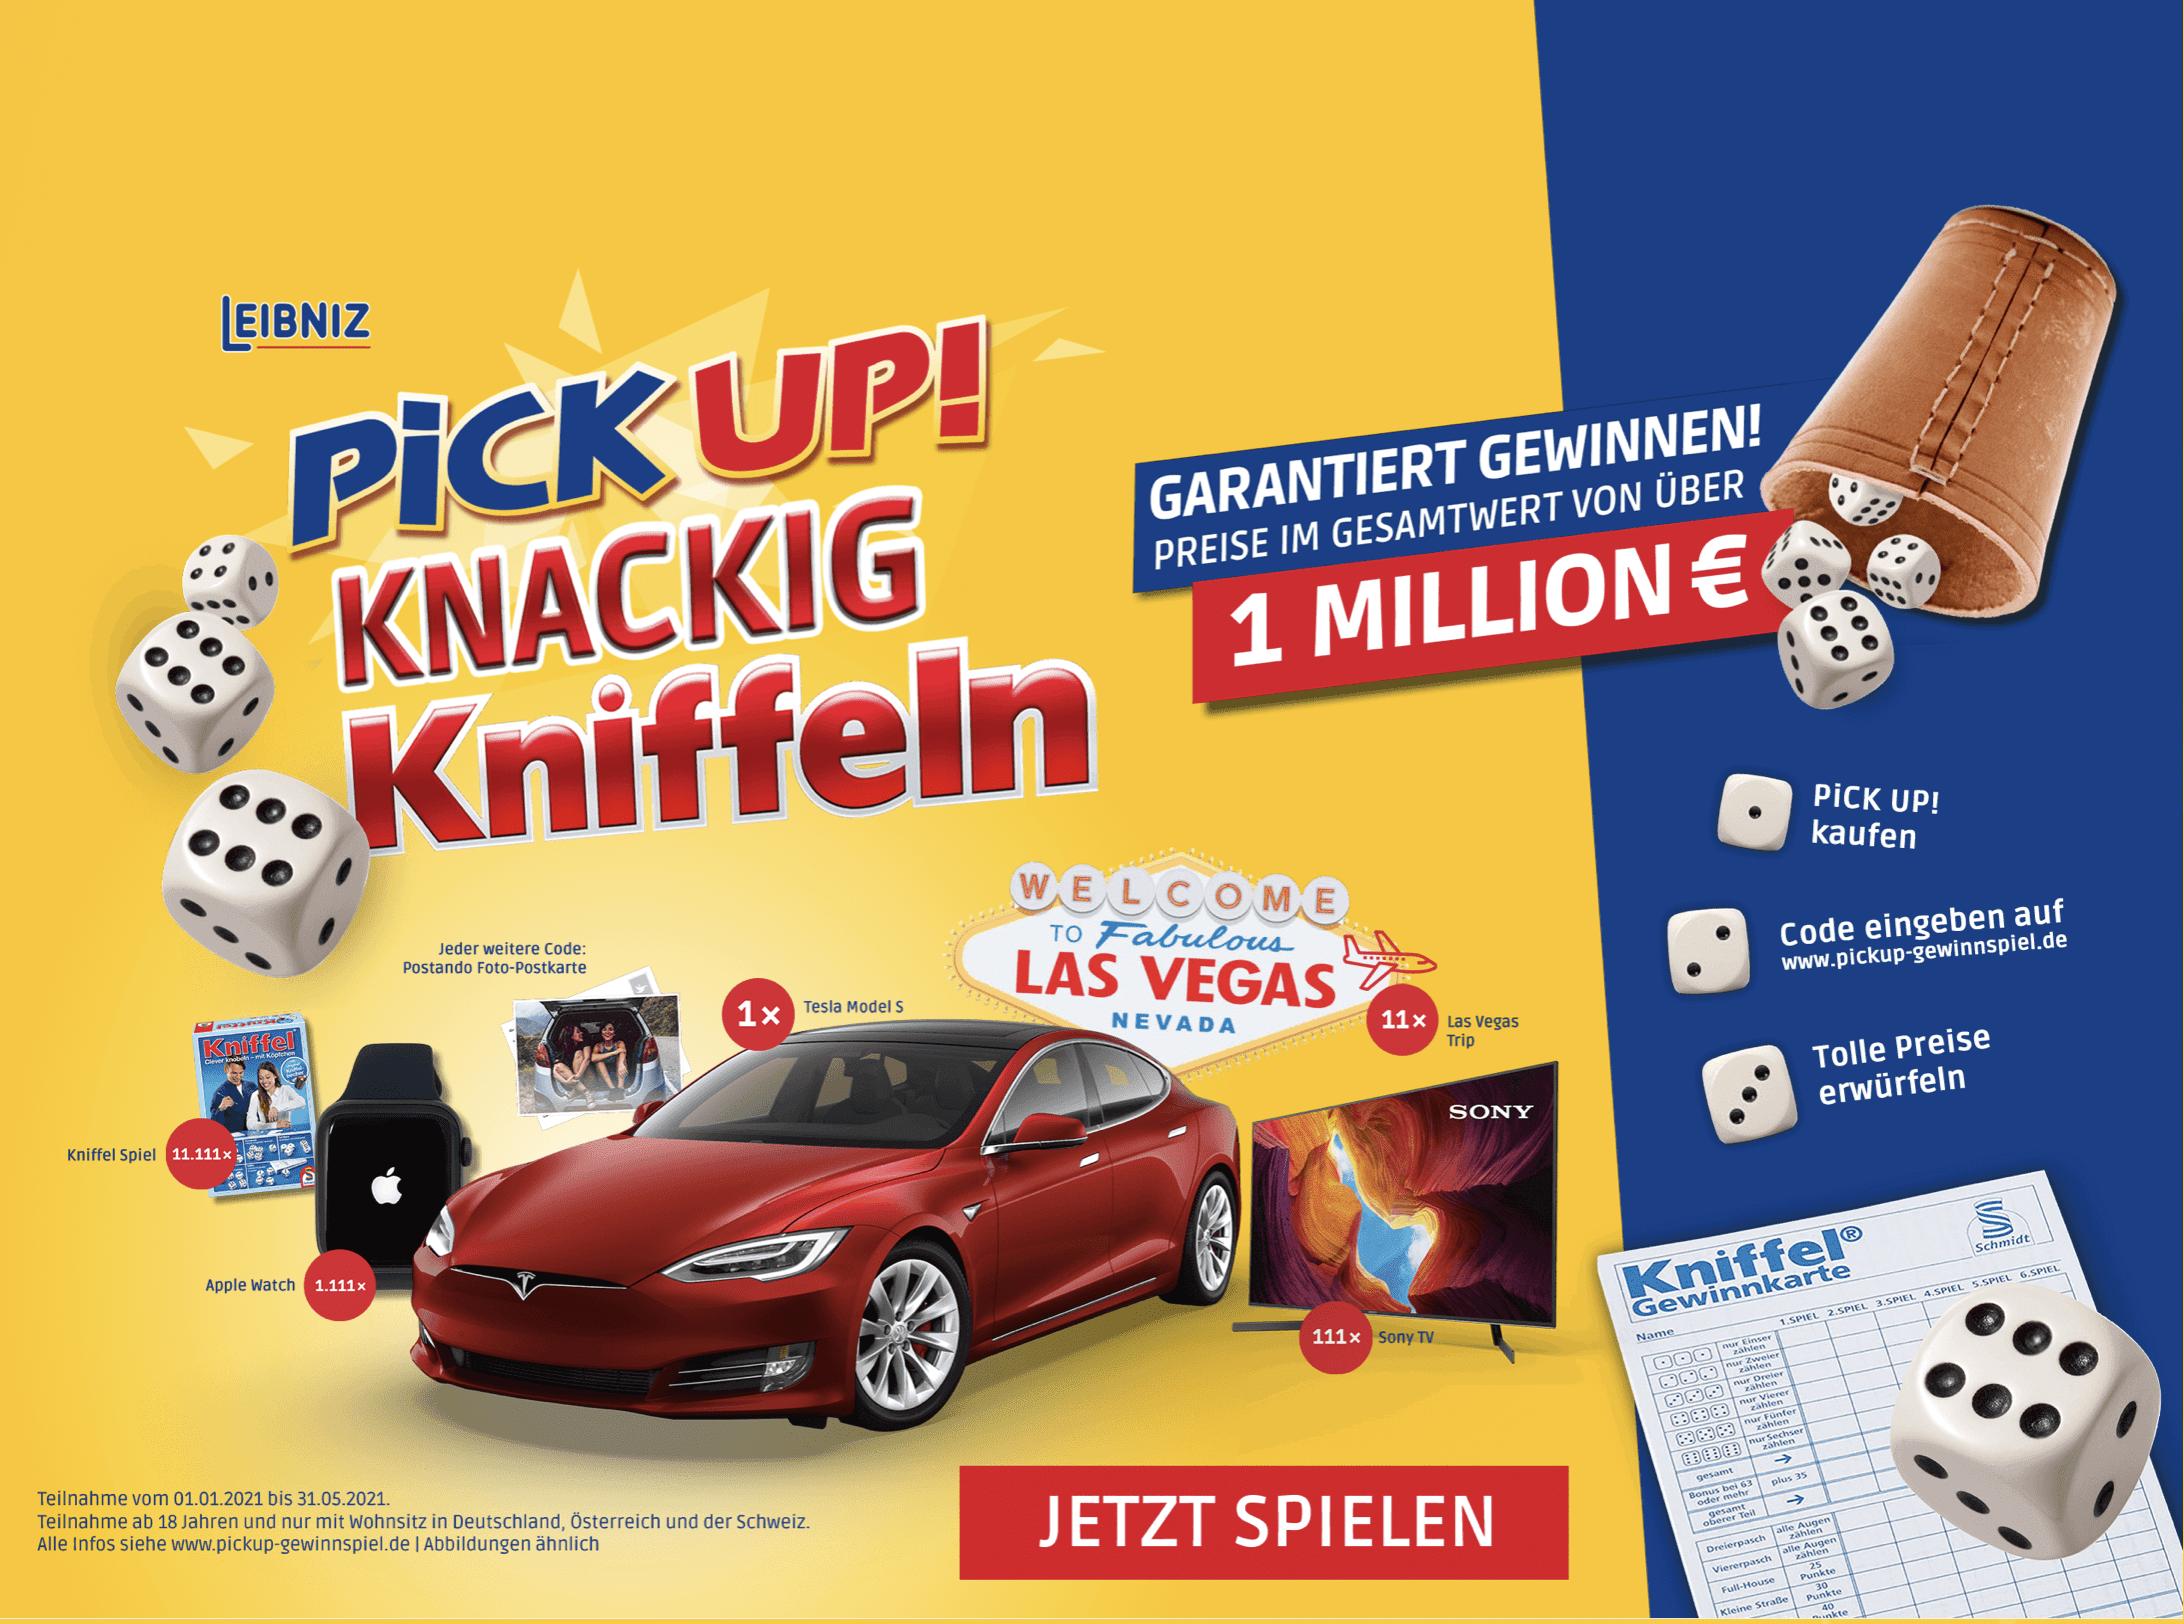 Gewinnspiel-Cases FMCG Süßwaren & Snacks PickUp